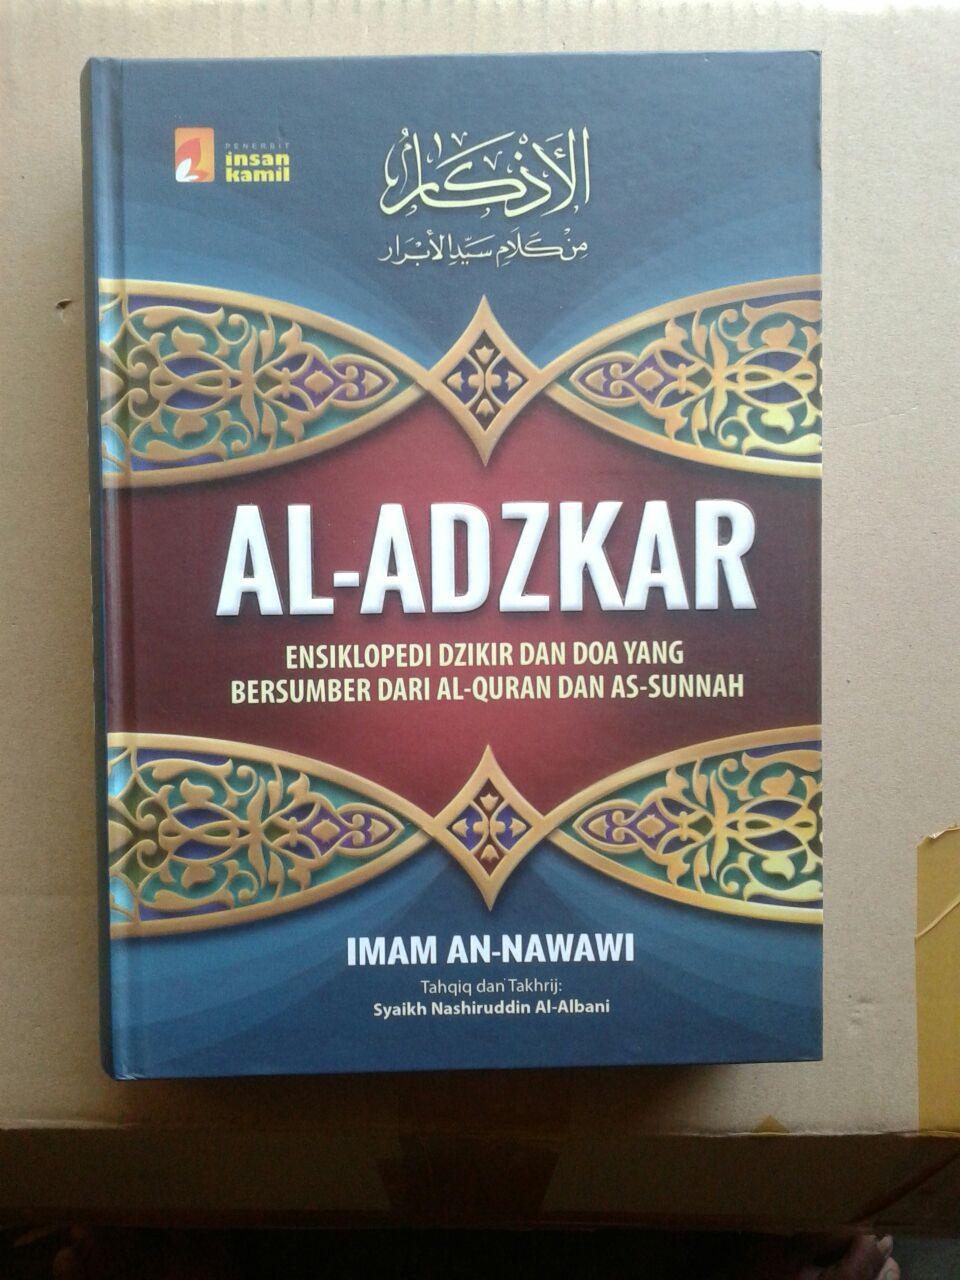 Buku Al-Adzkar Ensiklopedi Dzikir Dan Doa cover